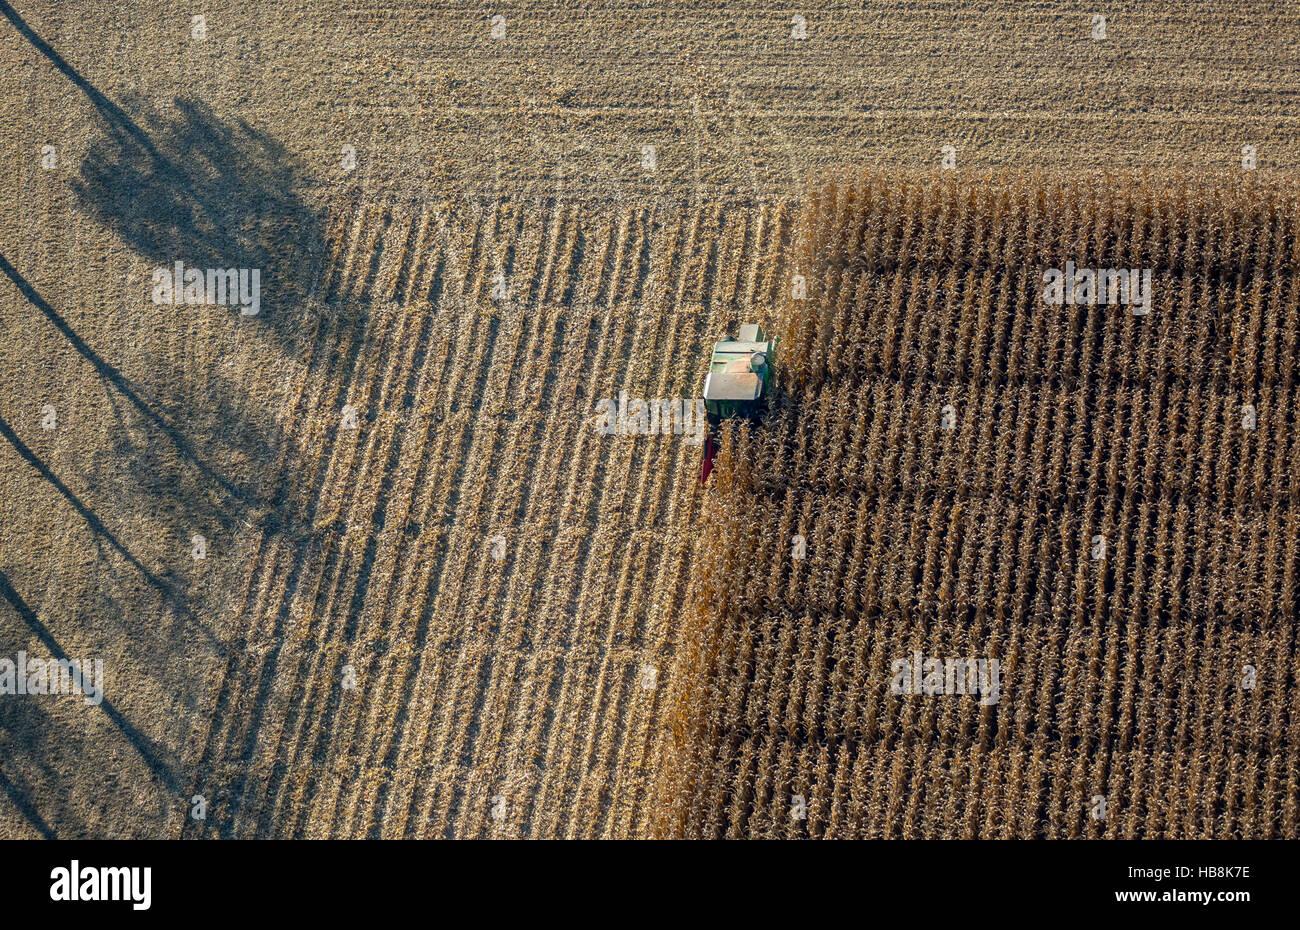 Aerial view, corn crop with scientific support Pelkum, Kamen Street Barbecke, Hamm, Ruhr, Nordrhein-Westfalen, Germany Stock Photo